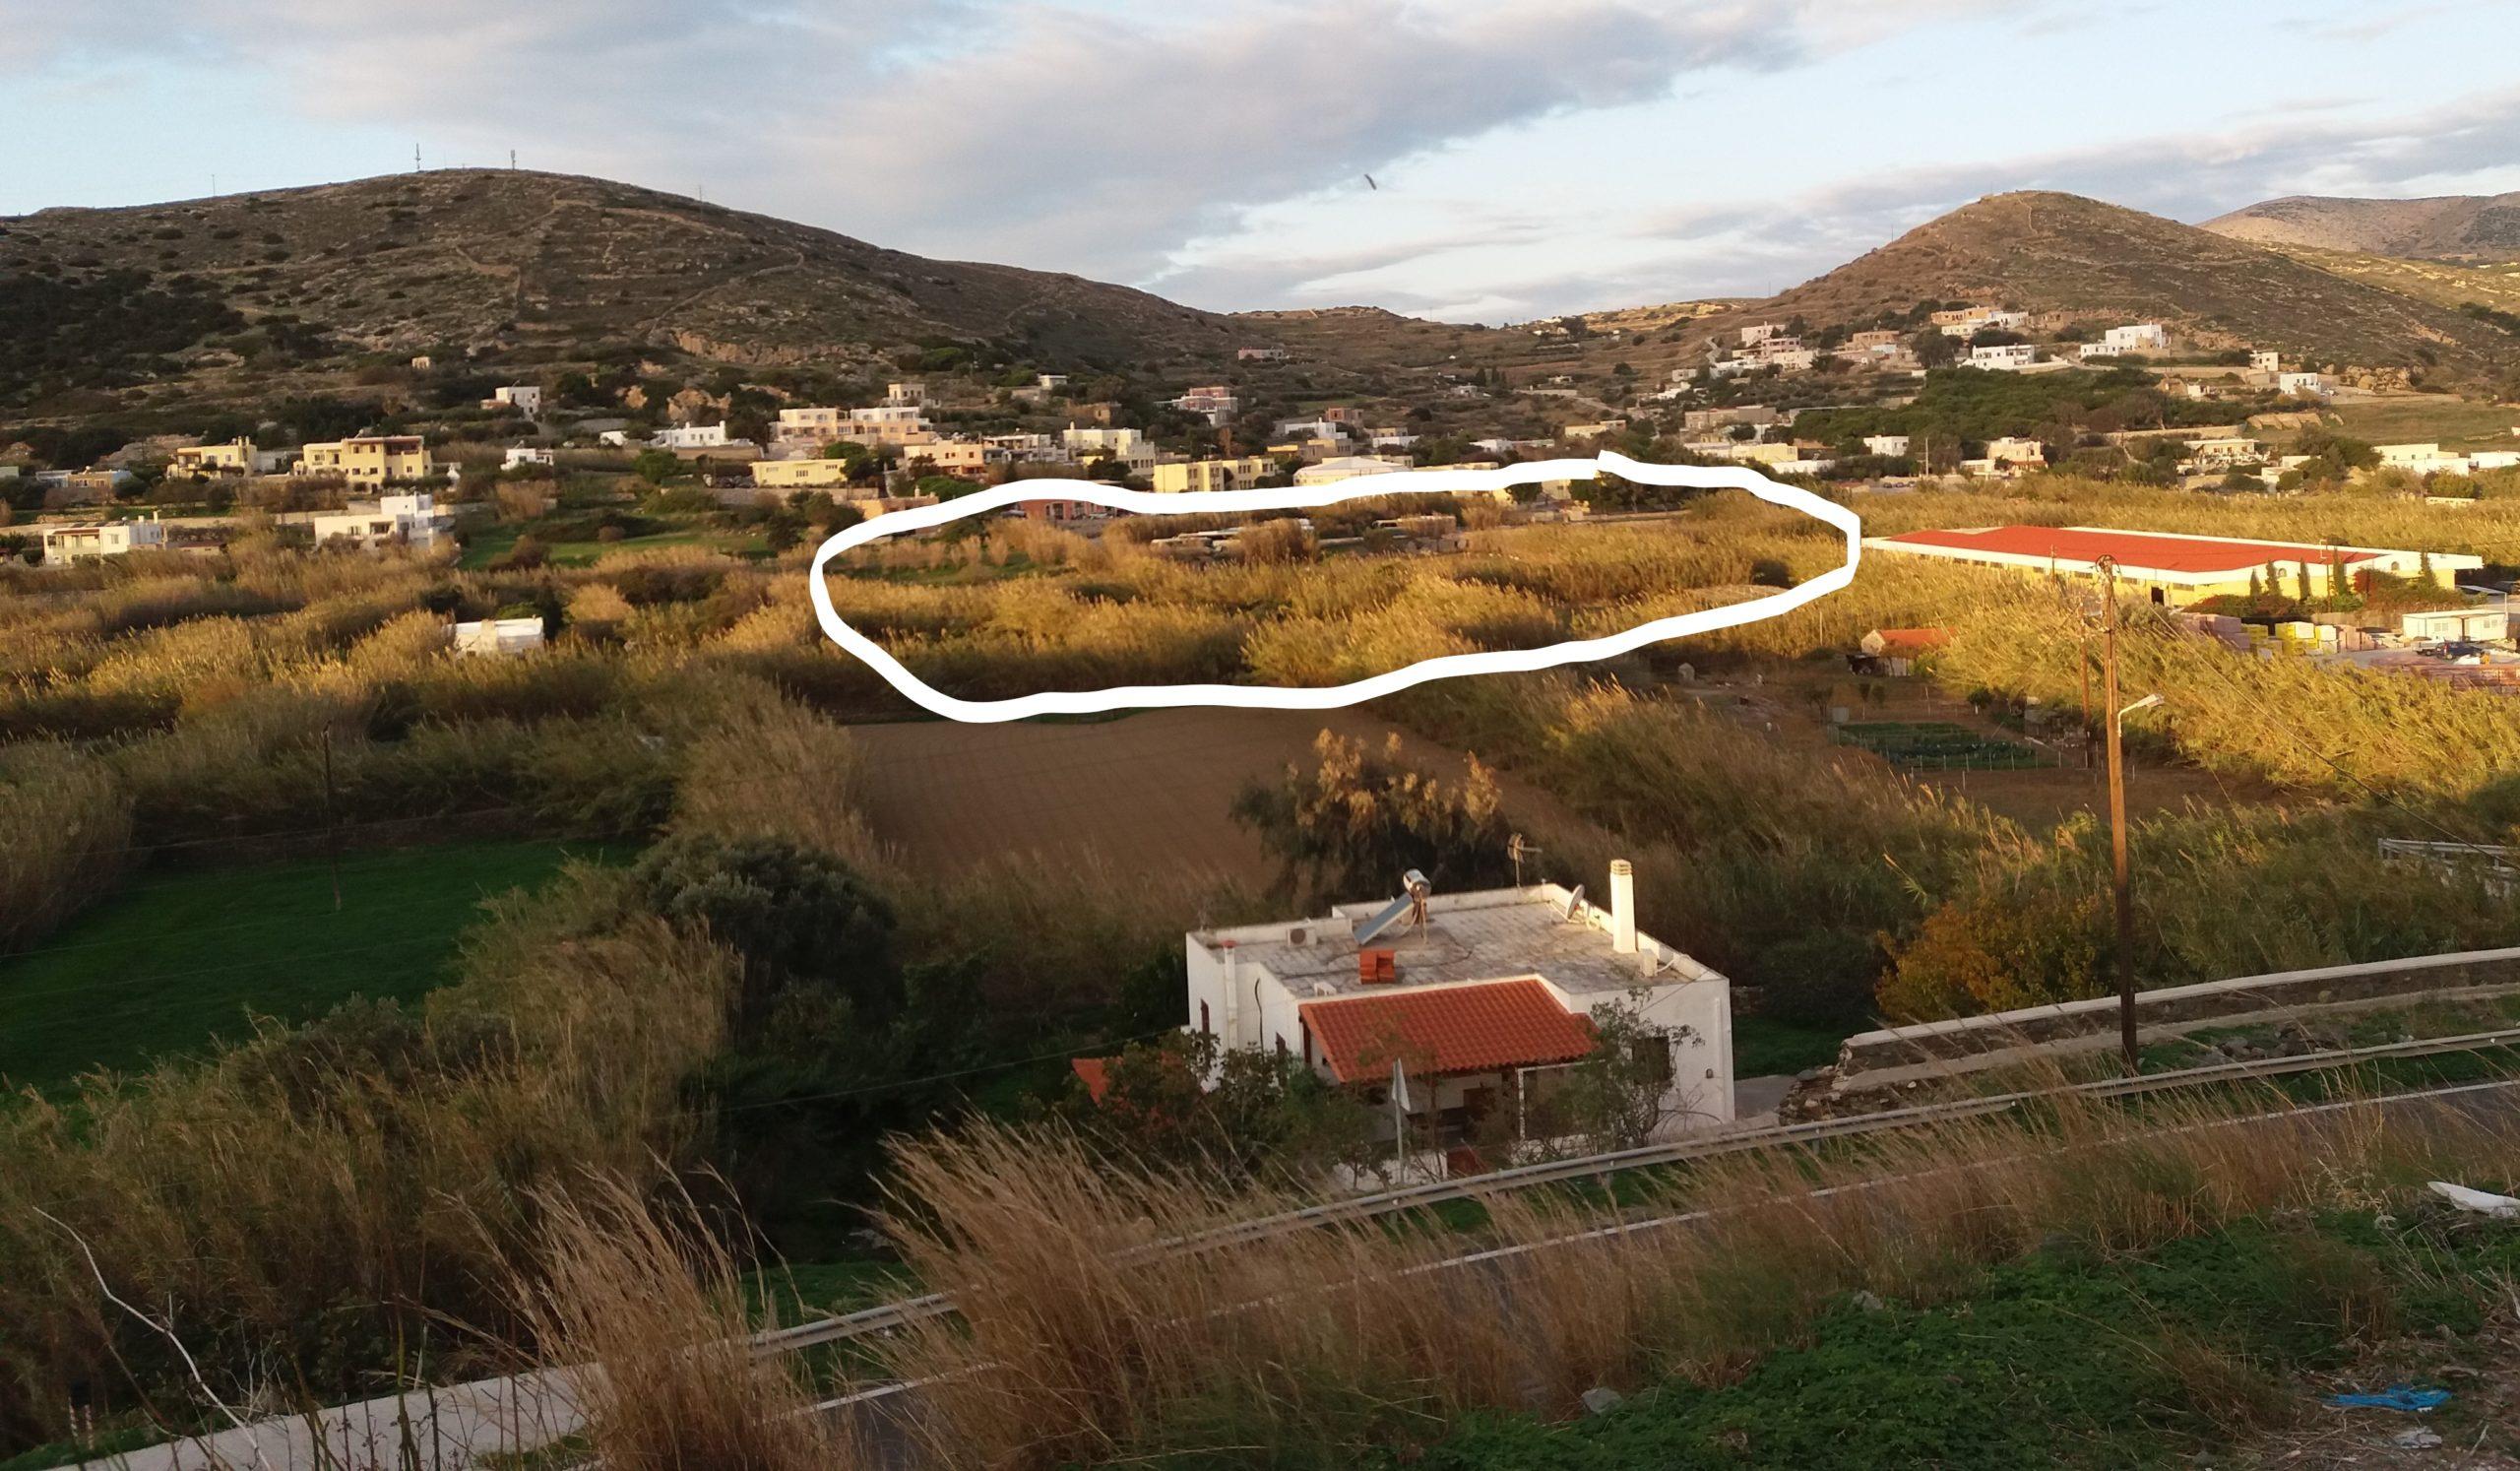 Σύρος: Το δημόσιο αγόρασε αυτό το οικόπεδο με 300.000 ευρώ – Το σχέδιο της επόμενης μέρας